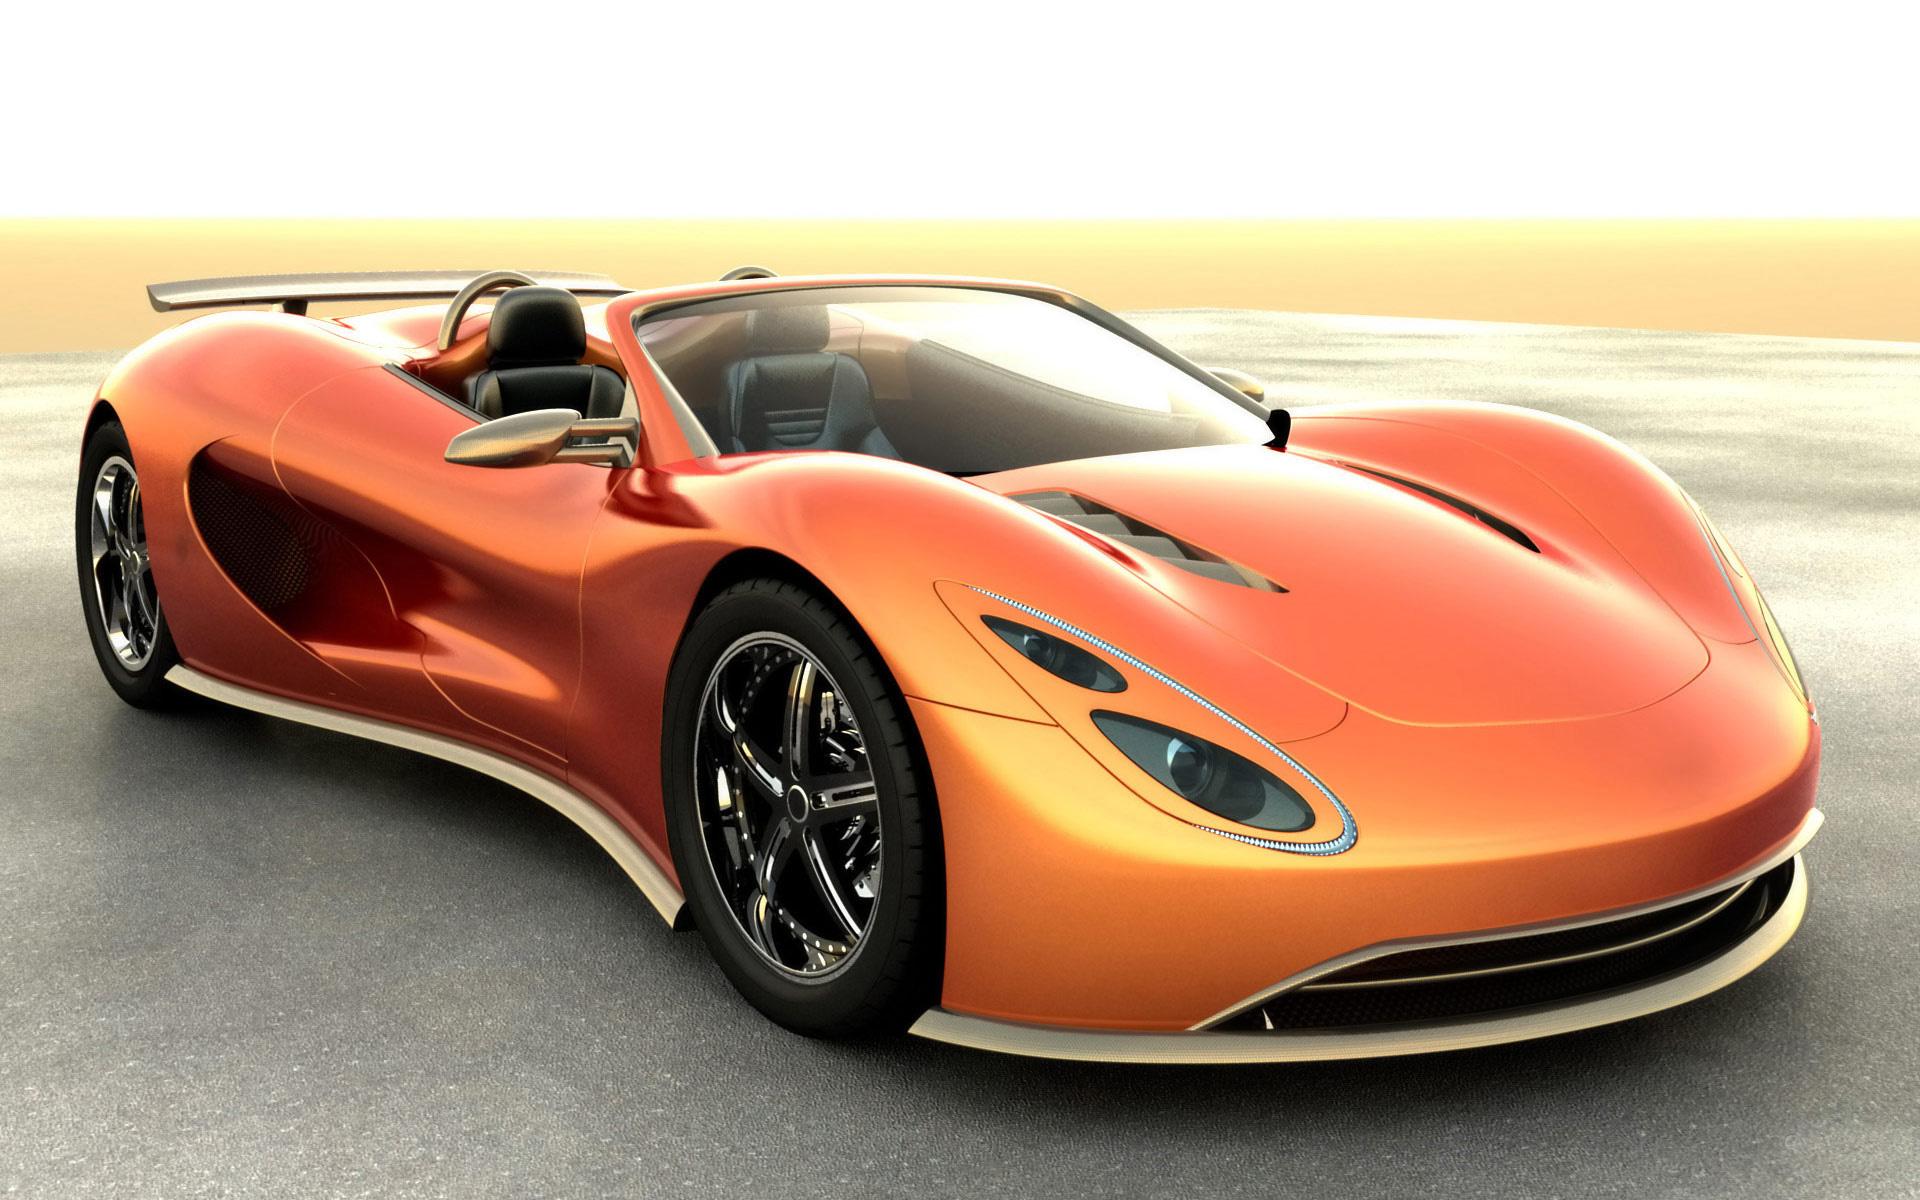 ماشین به رنگ کویر